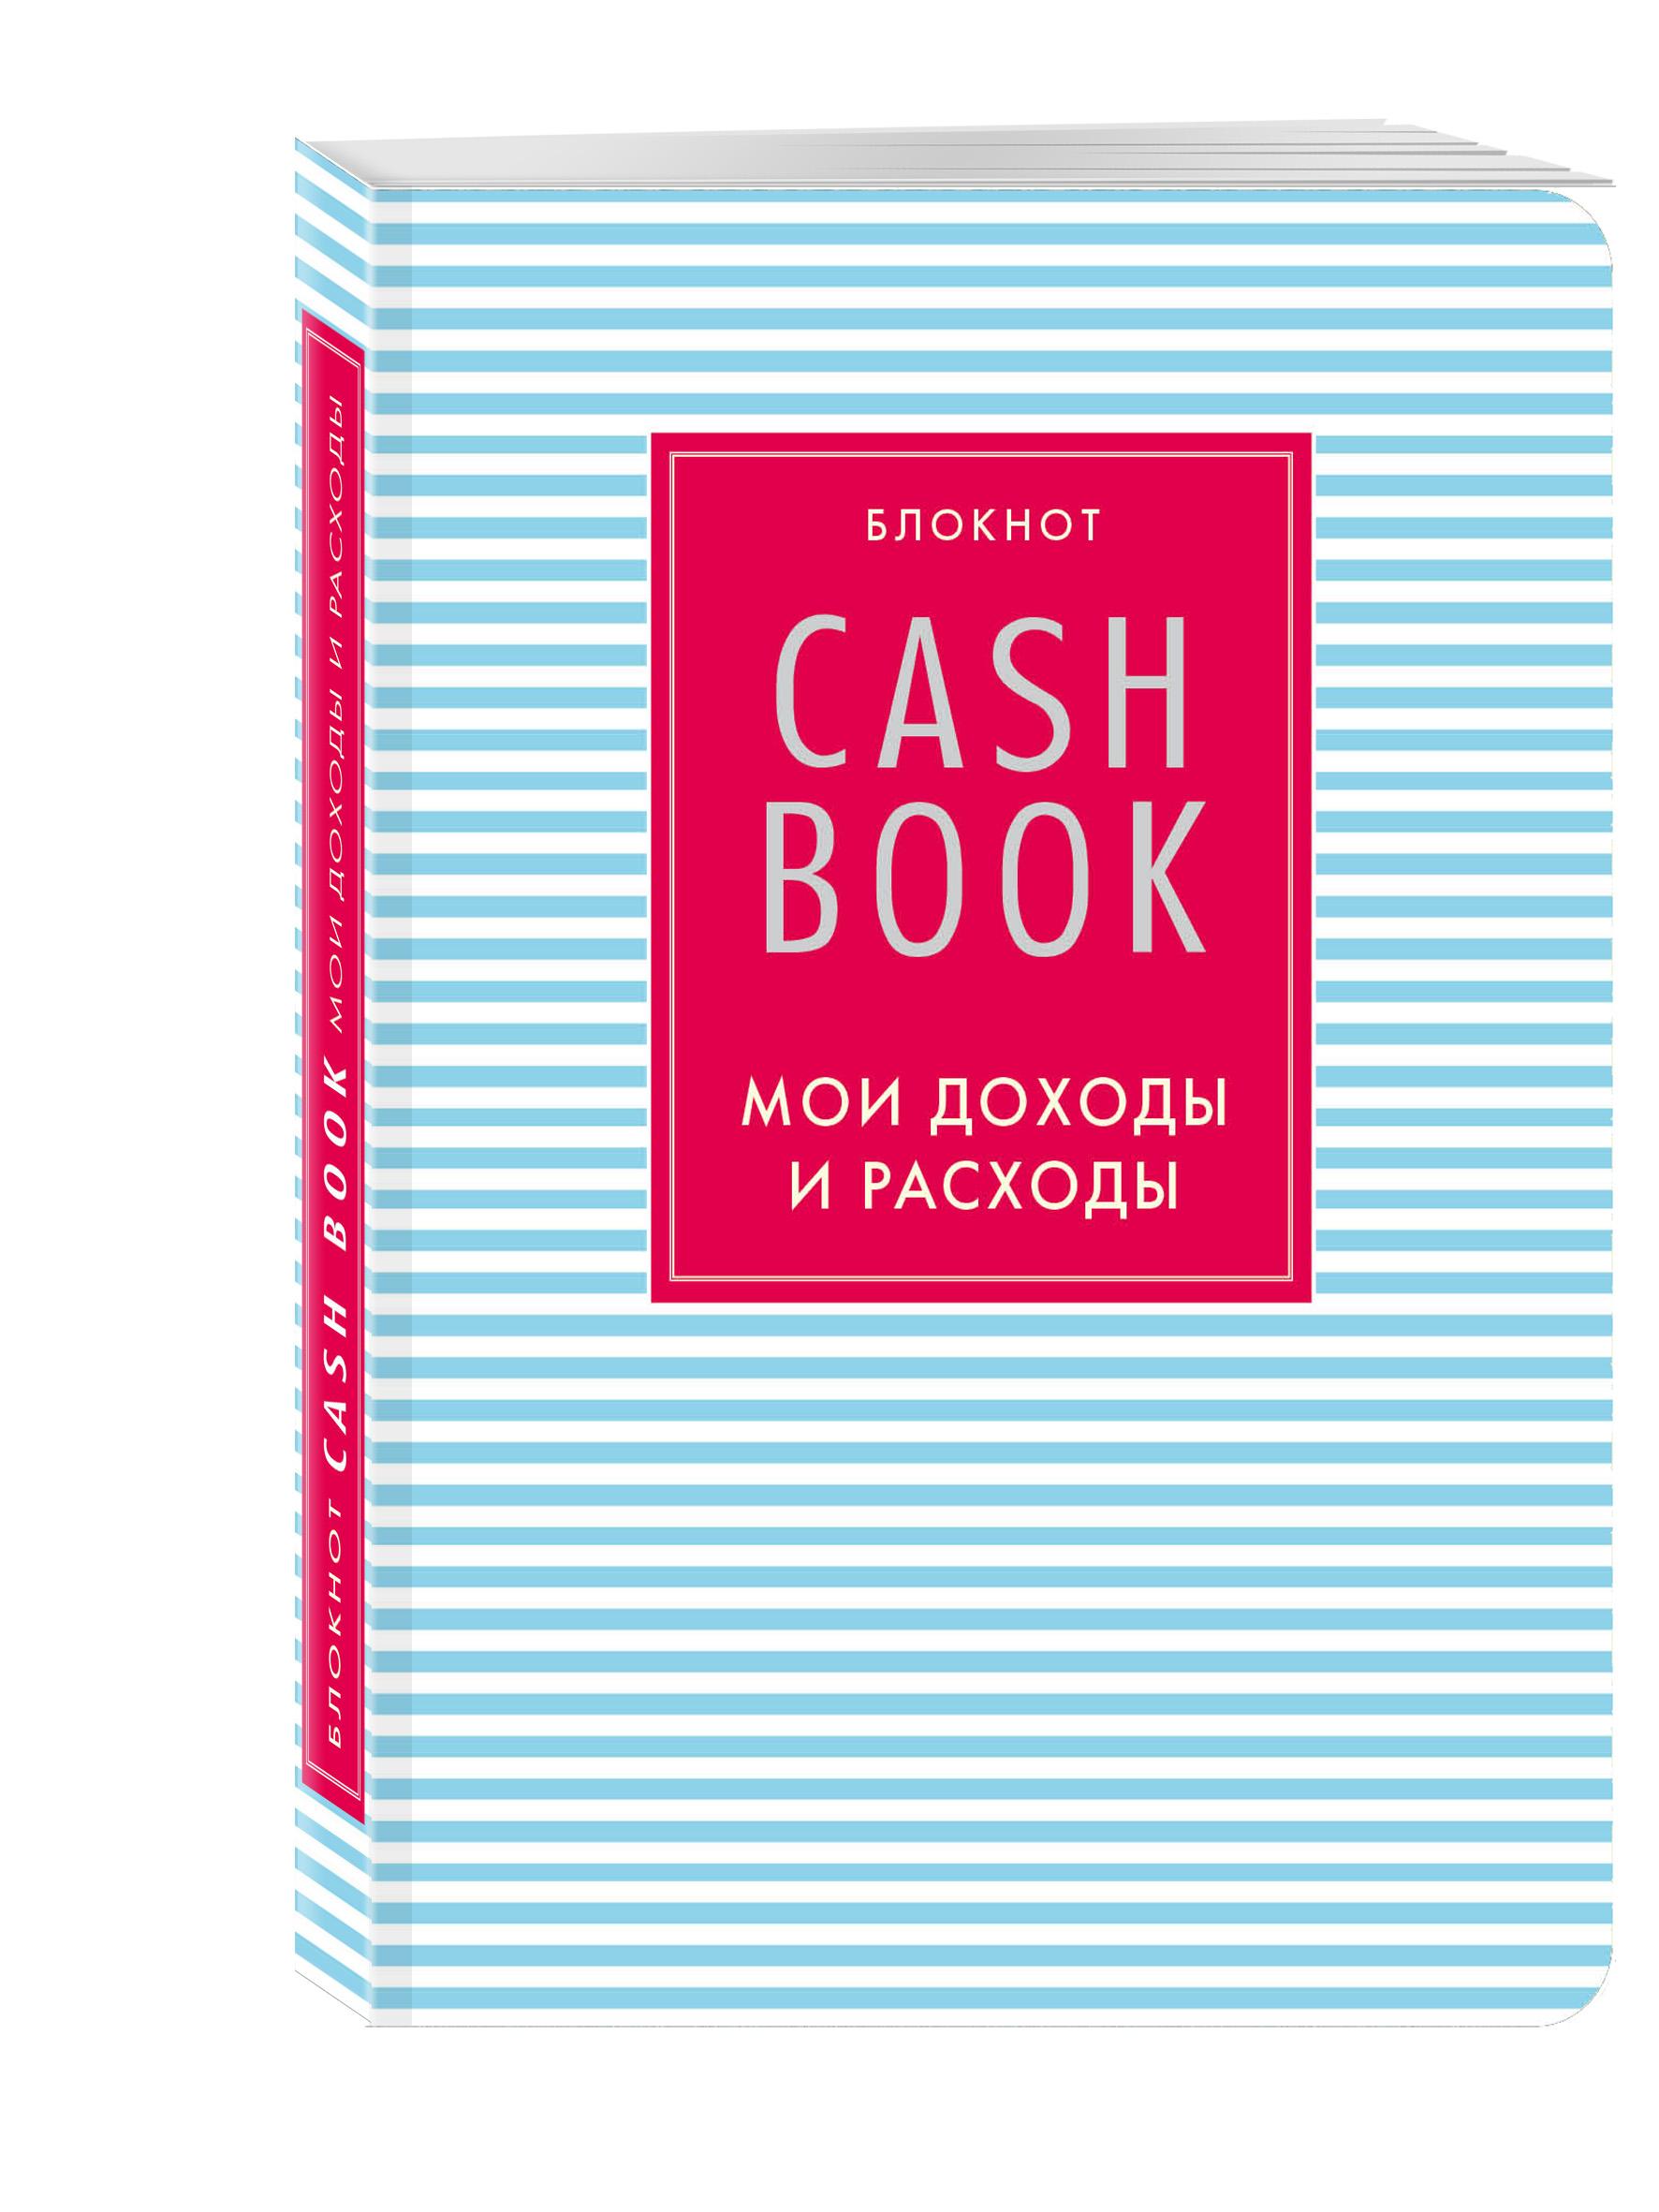 CashBook. Мои доходы и расходы. 4-е издание, 9-е оформление cashbook мои доходы и расходы 5 е издание 4 оформление